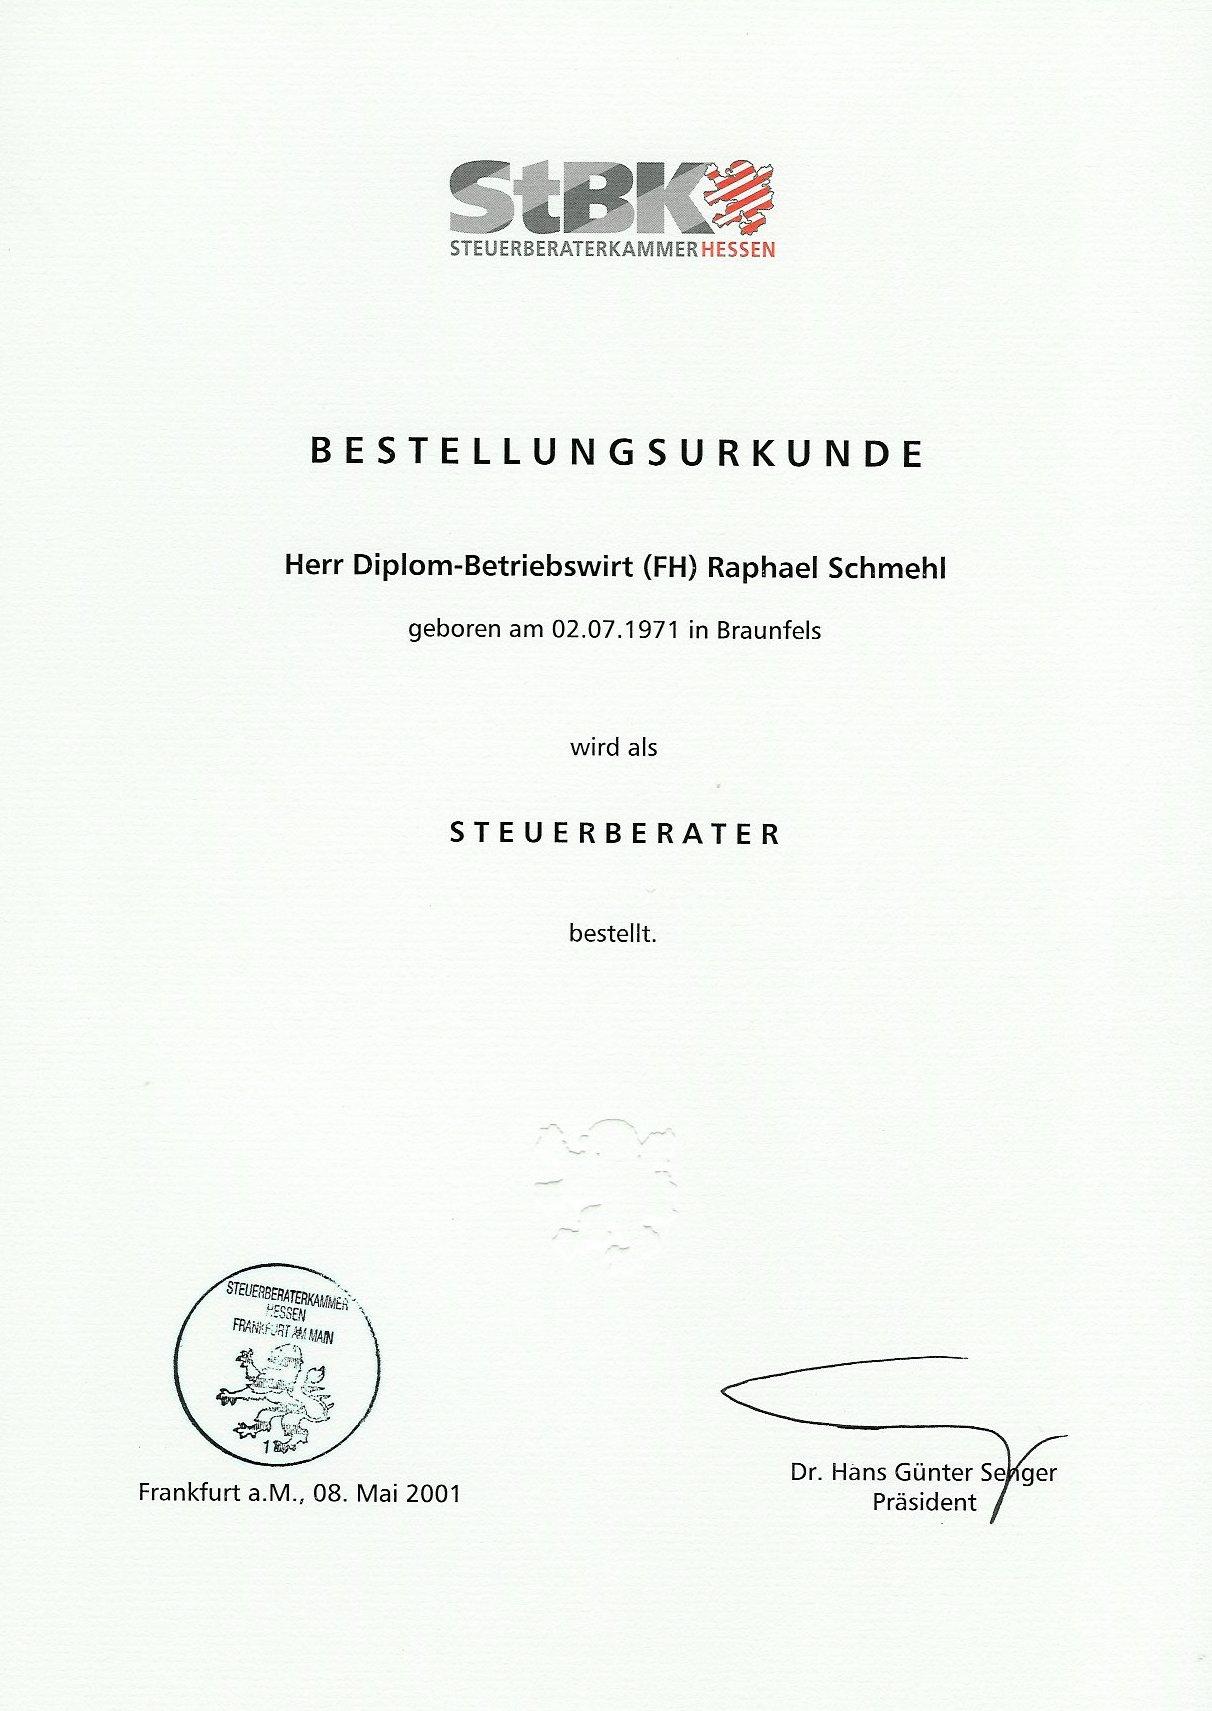 Atemberaubend Elektrotechnik Arten Von Lebenslauf Fotos ...